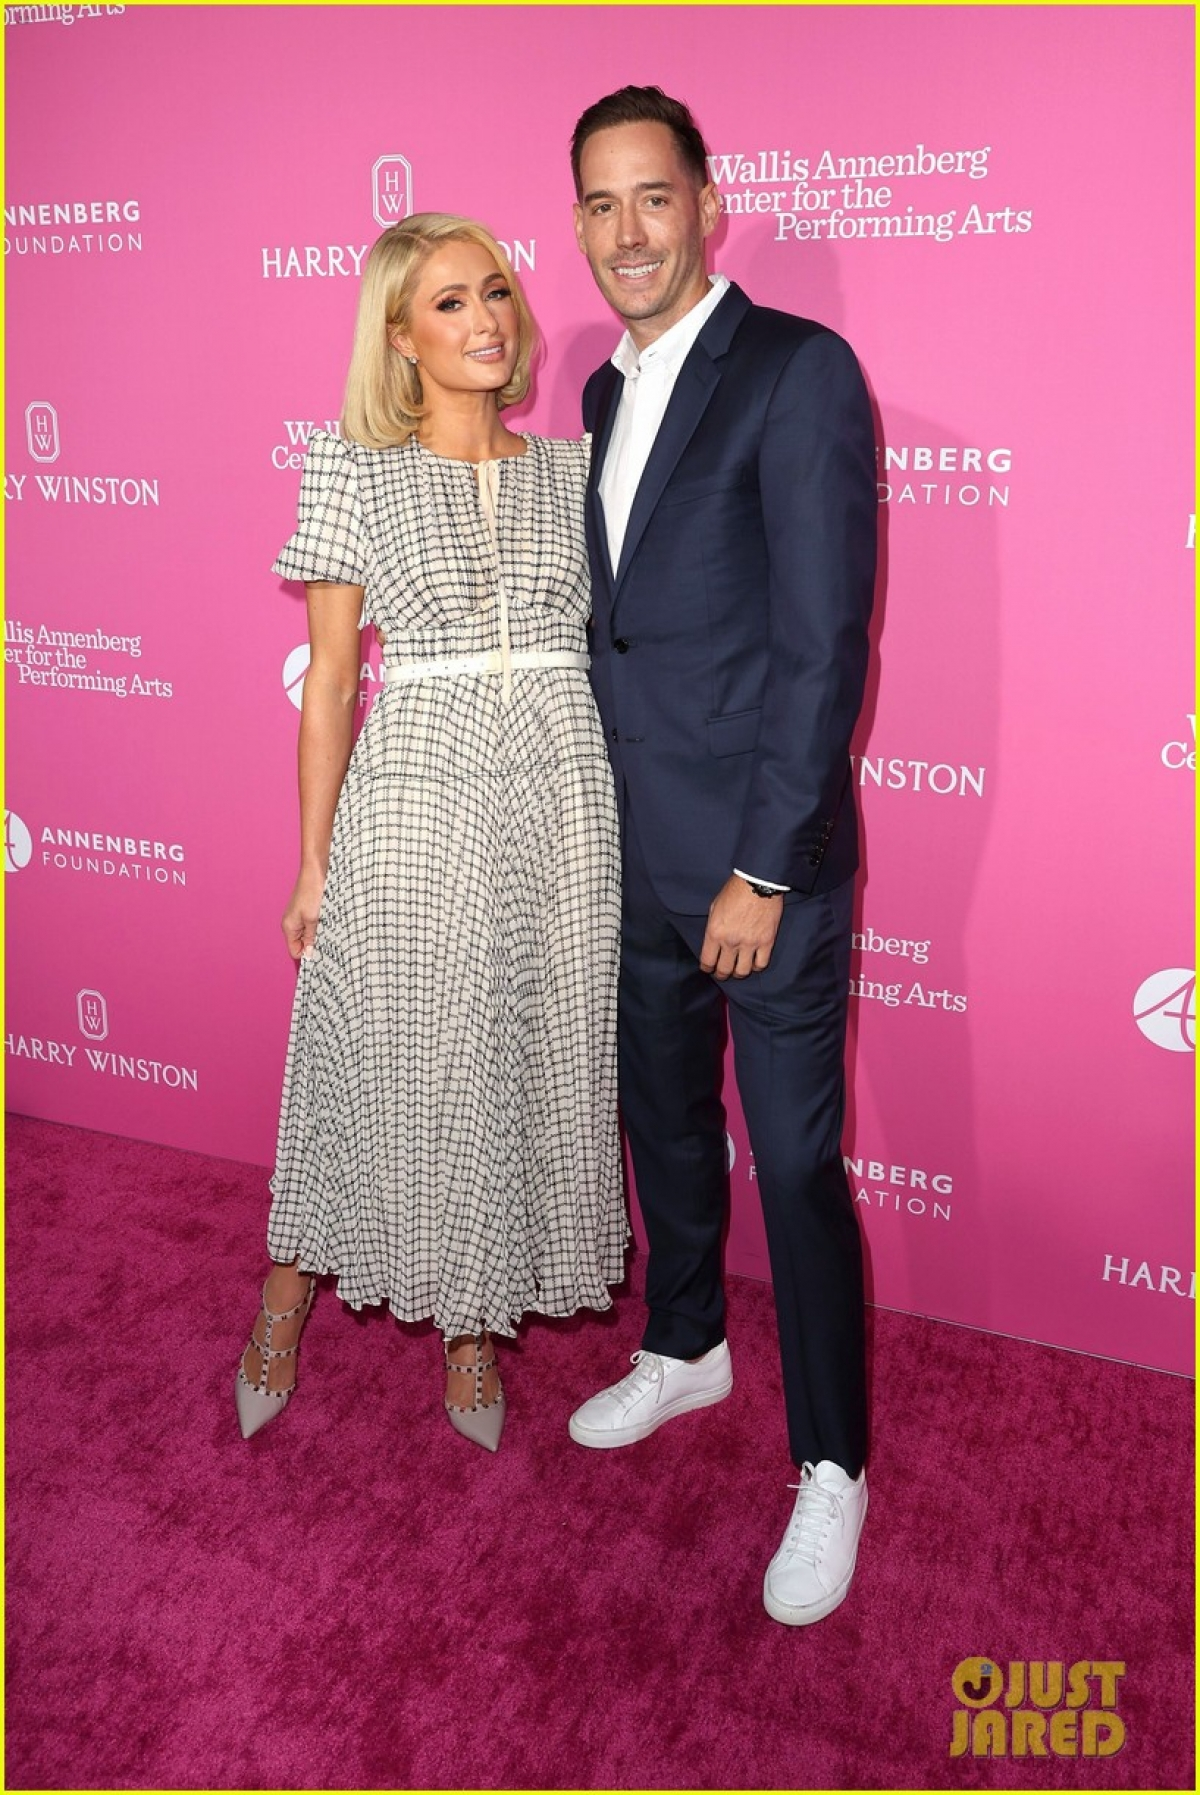 """""""Tôi rất háo hức cho việc làm mẹ. Tuy nhiên tôi chưa mang thai, tôi đang đợi đến sau đám cưới. Chiếc váy cưới đang được may và tôi muốn thật lộng lẫy và vừa vặn với nó"""" - Paris Hilton chia sẻ./."""